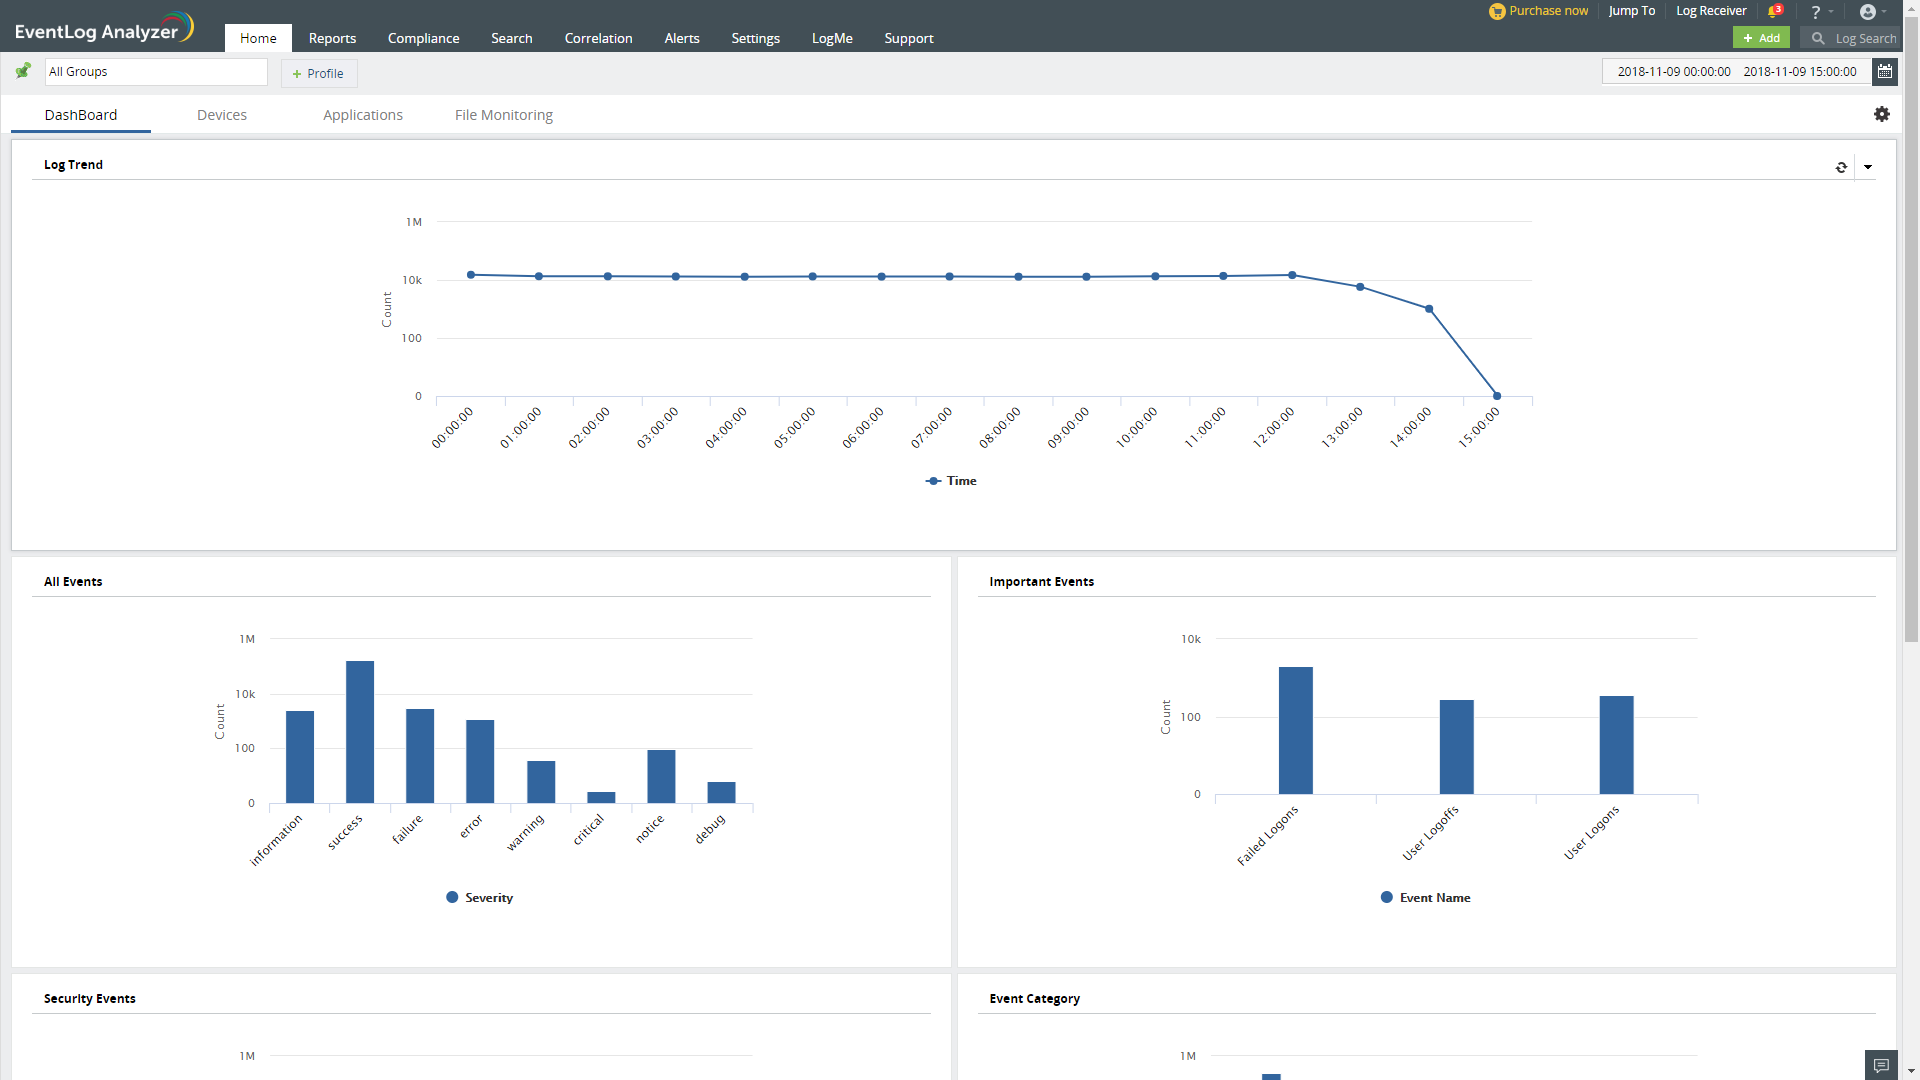 EventLogAnalyzer dashboard screenshot